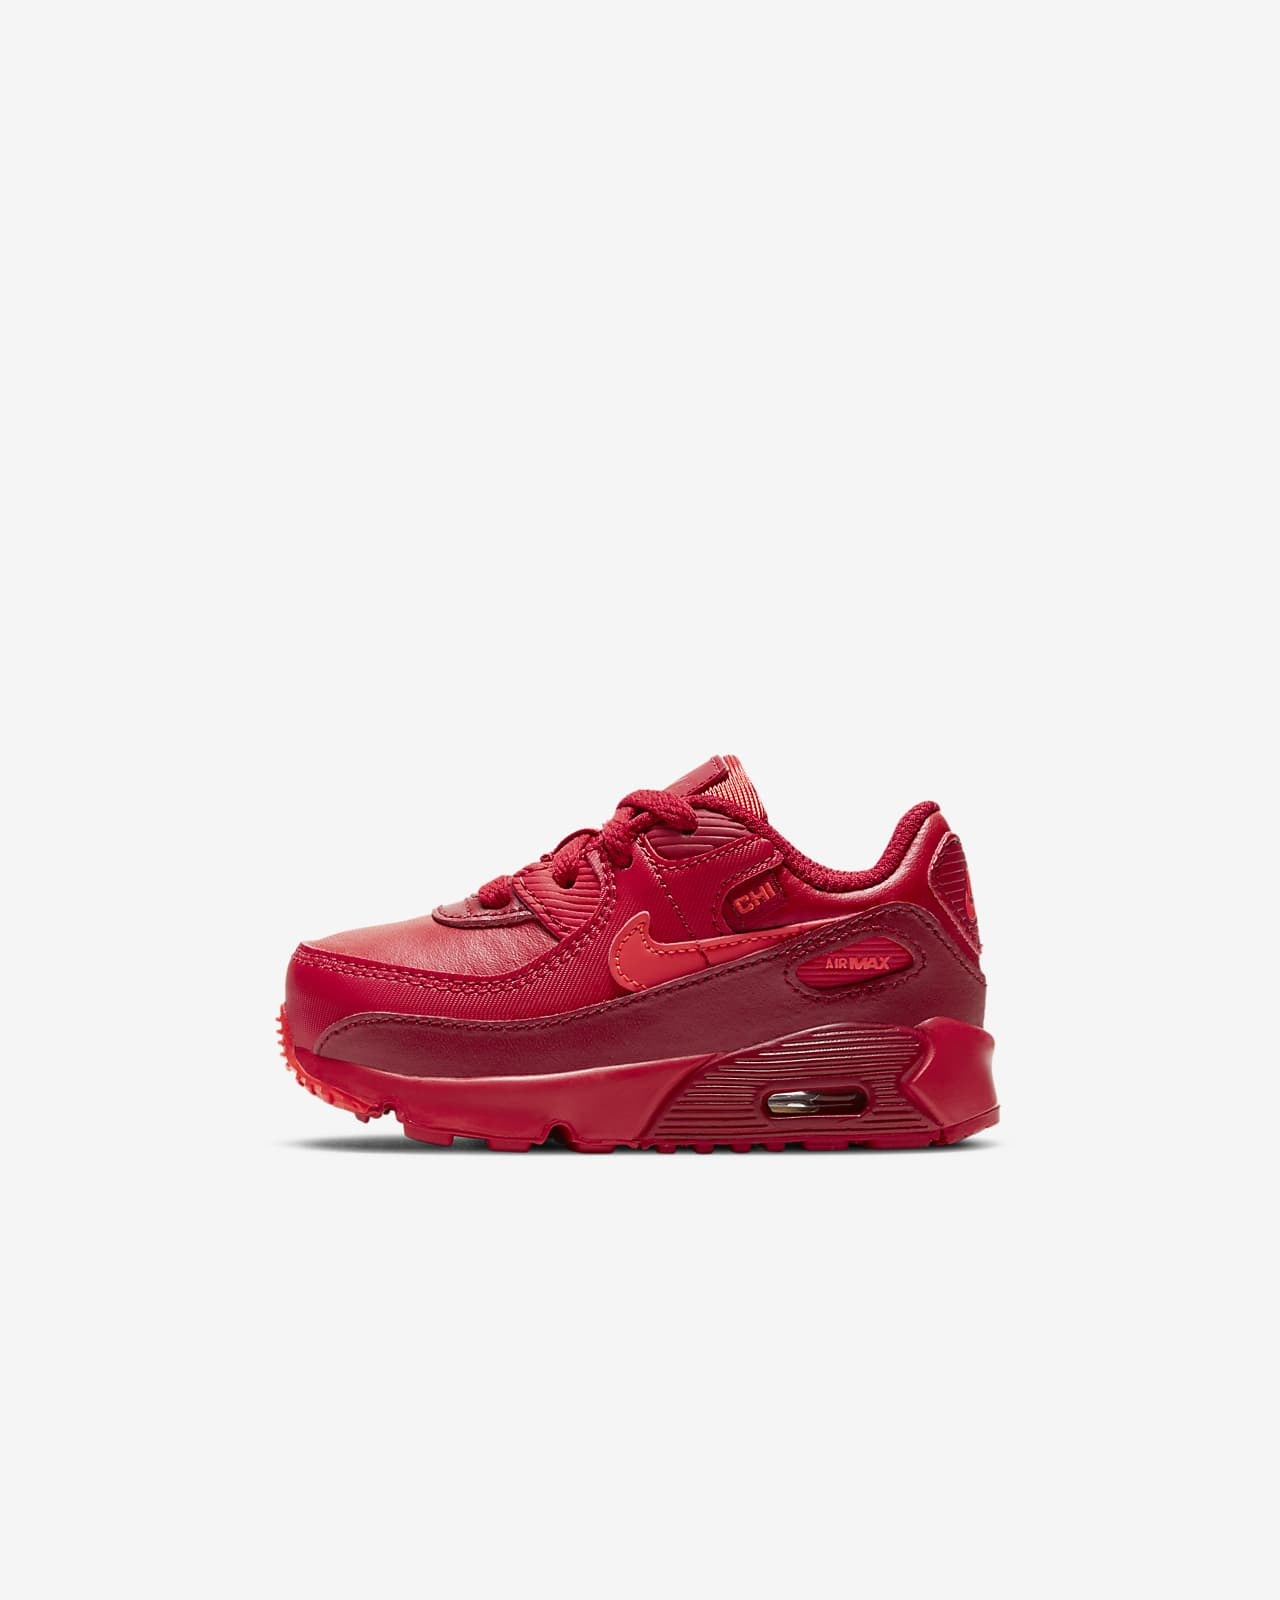 Nike Air Max 90 Baby/Toddler Shoe